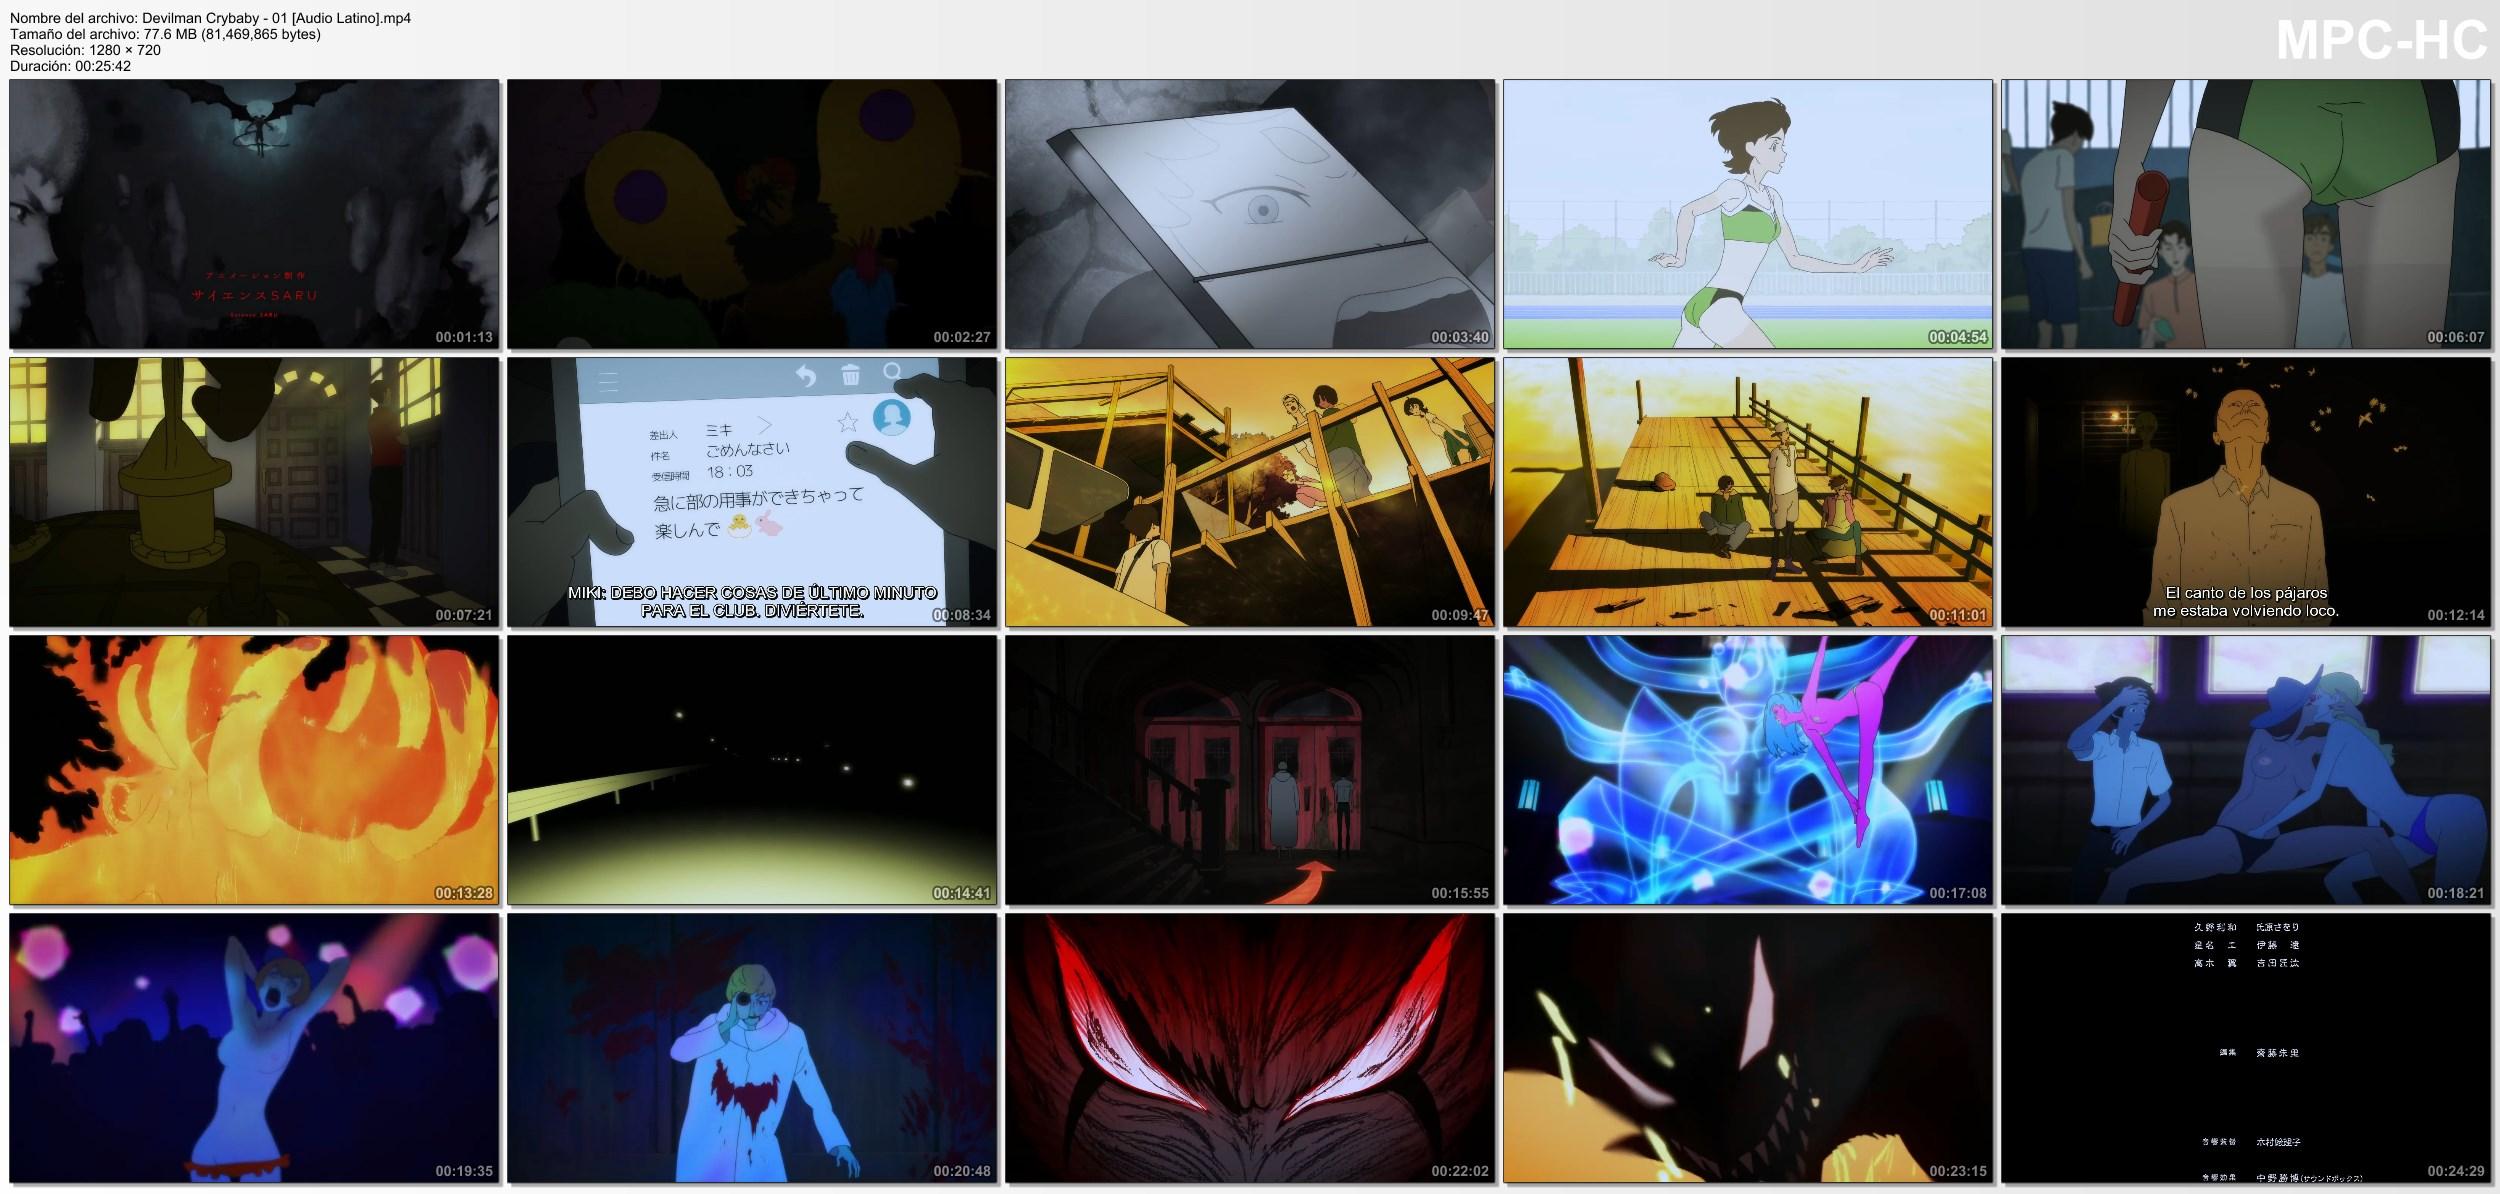 8GnvLgGyrxNWM - [Aporte] DEVILMAN crybaby [10/10][Audio Lat-Jap][75MB][720P][MEGA][Completo] - Anime Ligero [Descargas]